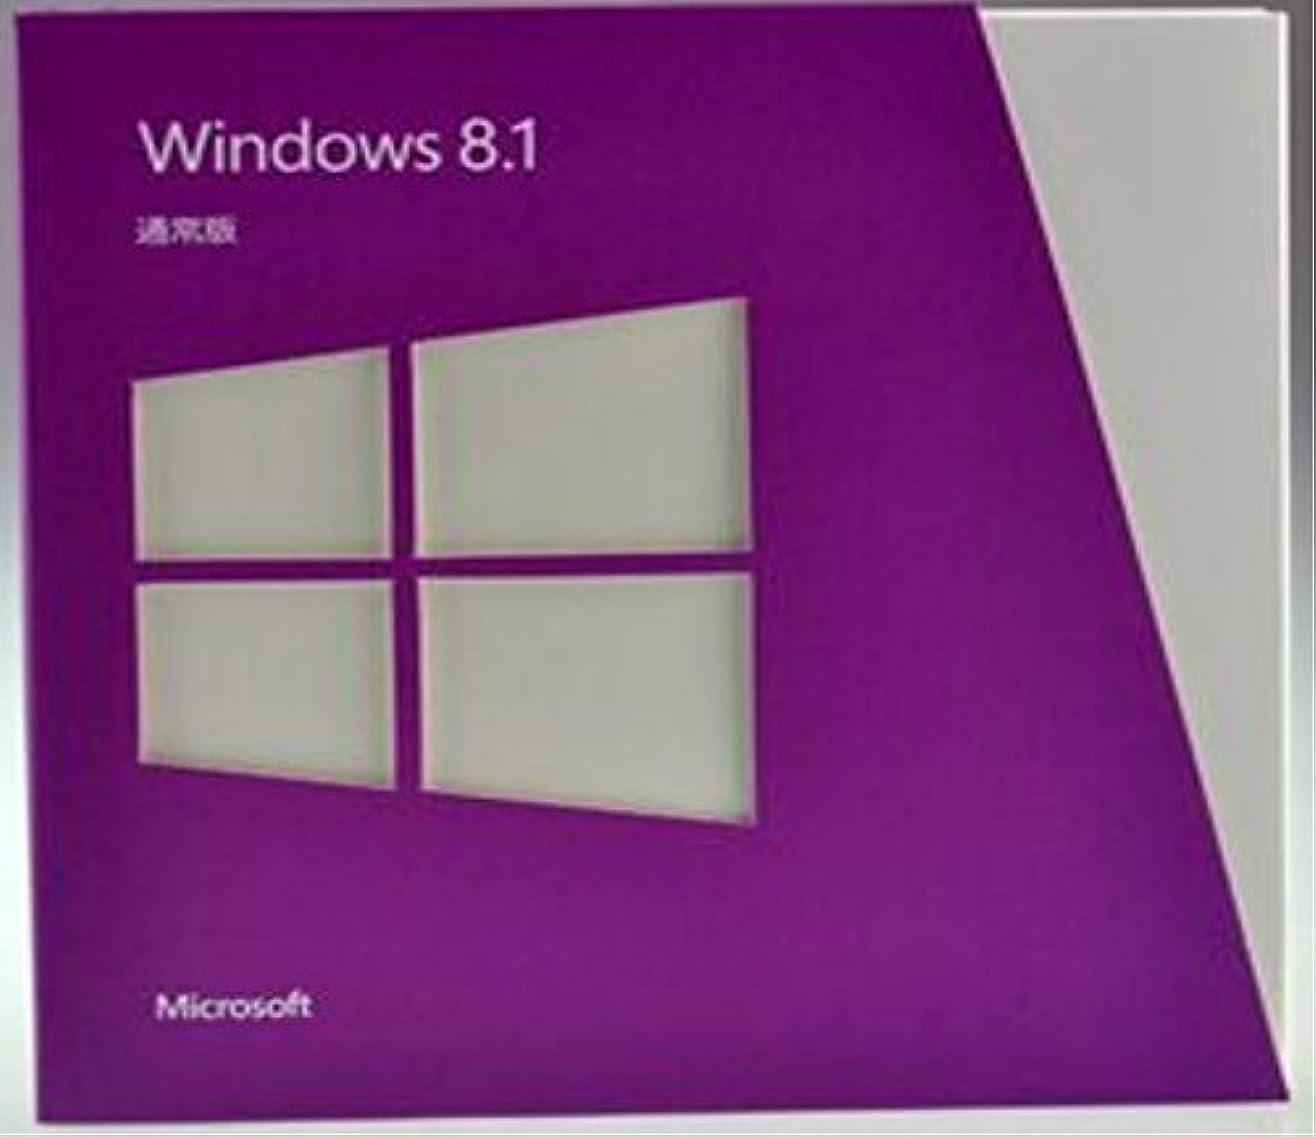 チケット応じるコンドームWindows 8.1 通常版 日本語 [並行輸入品]